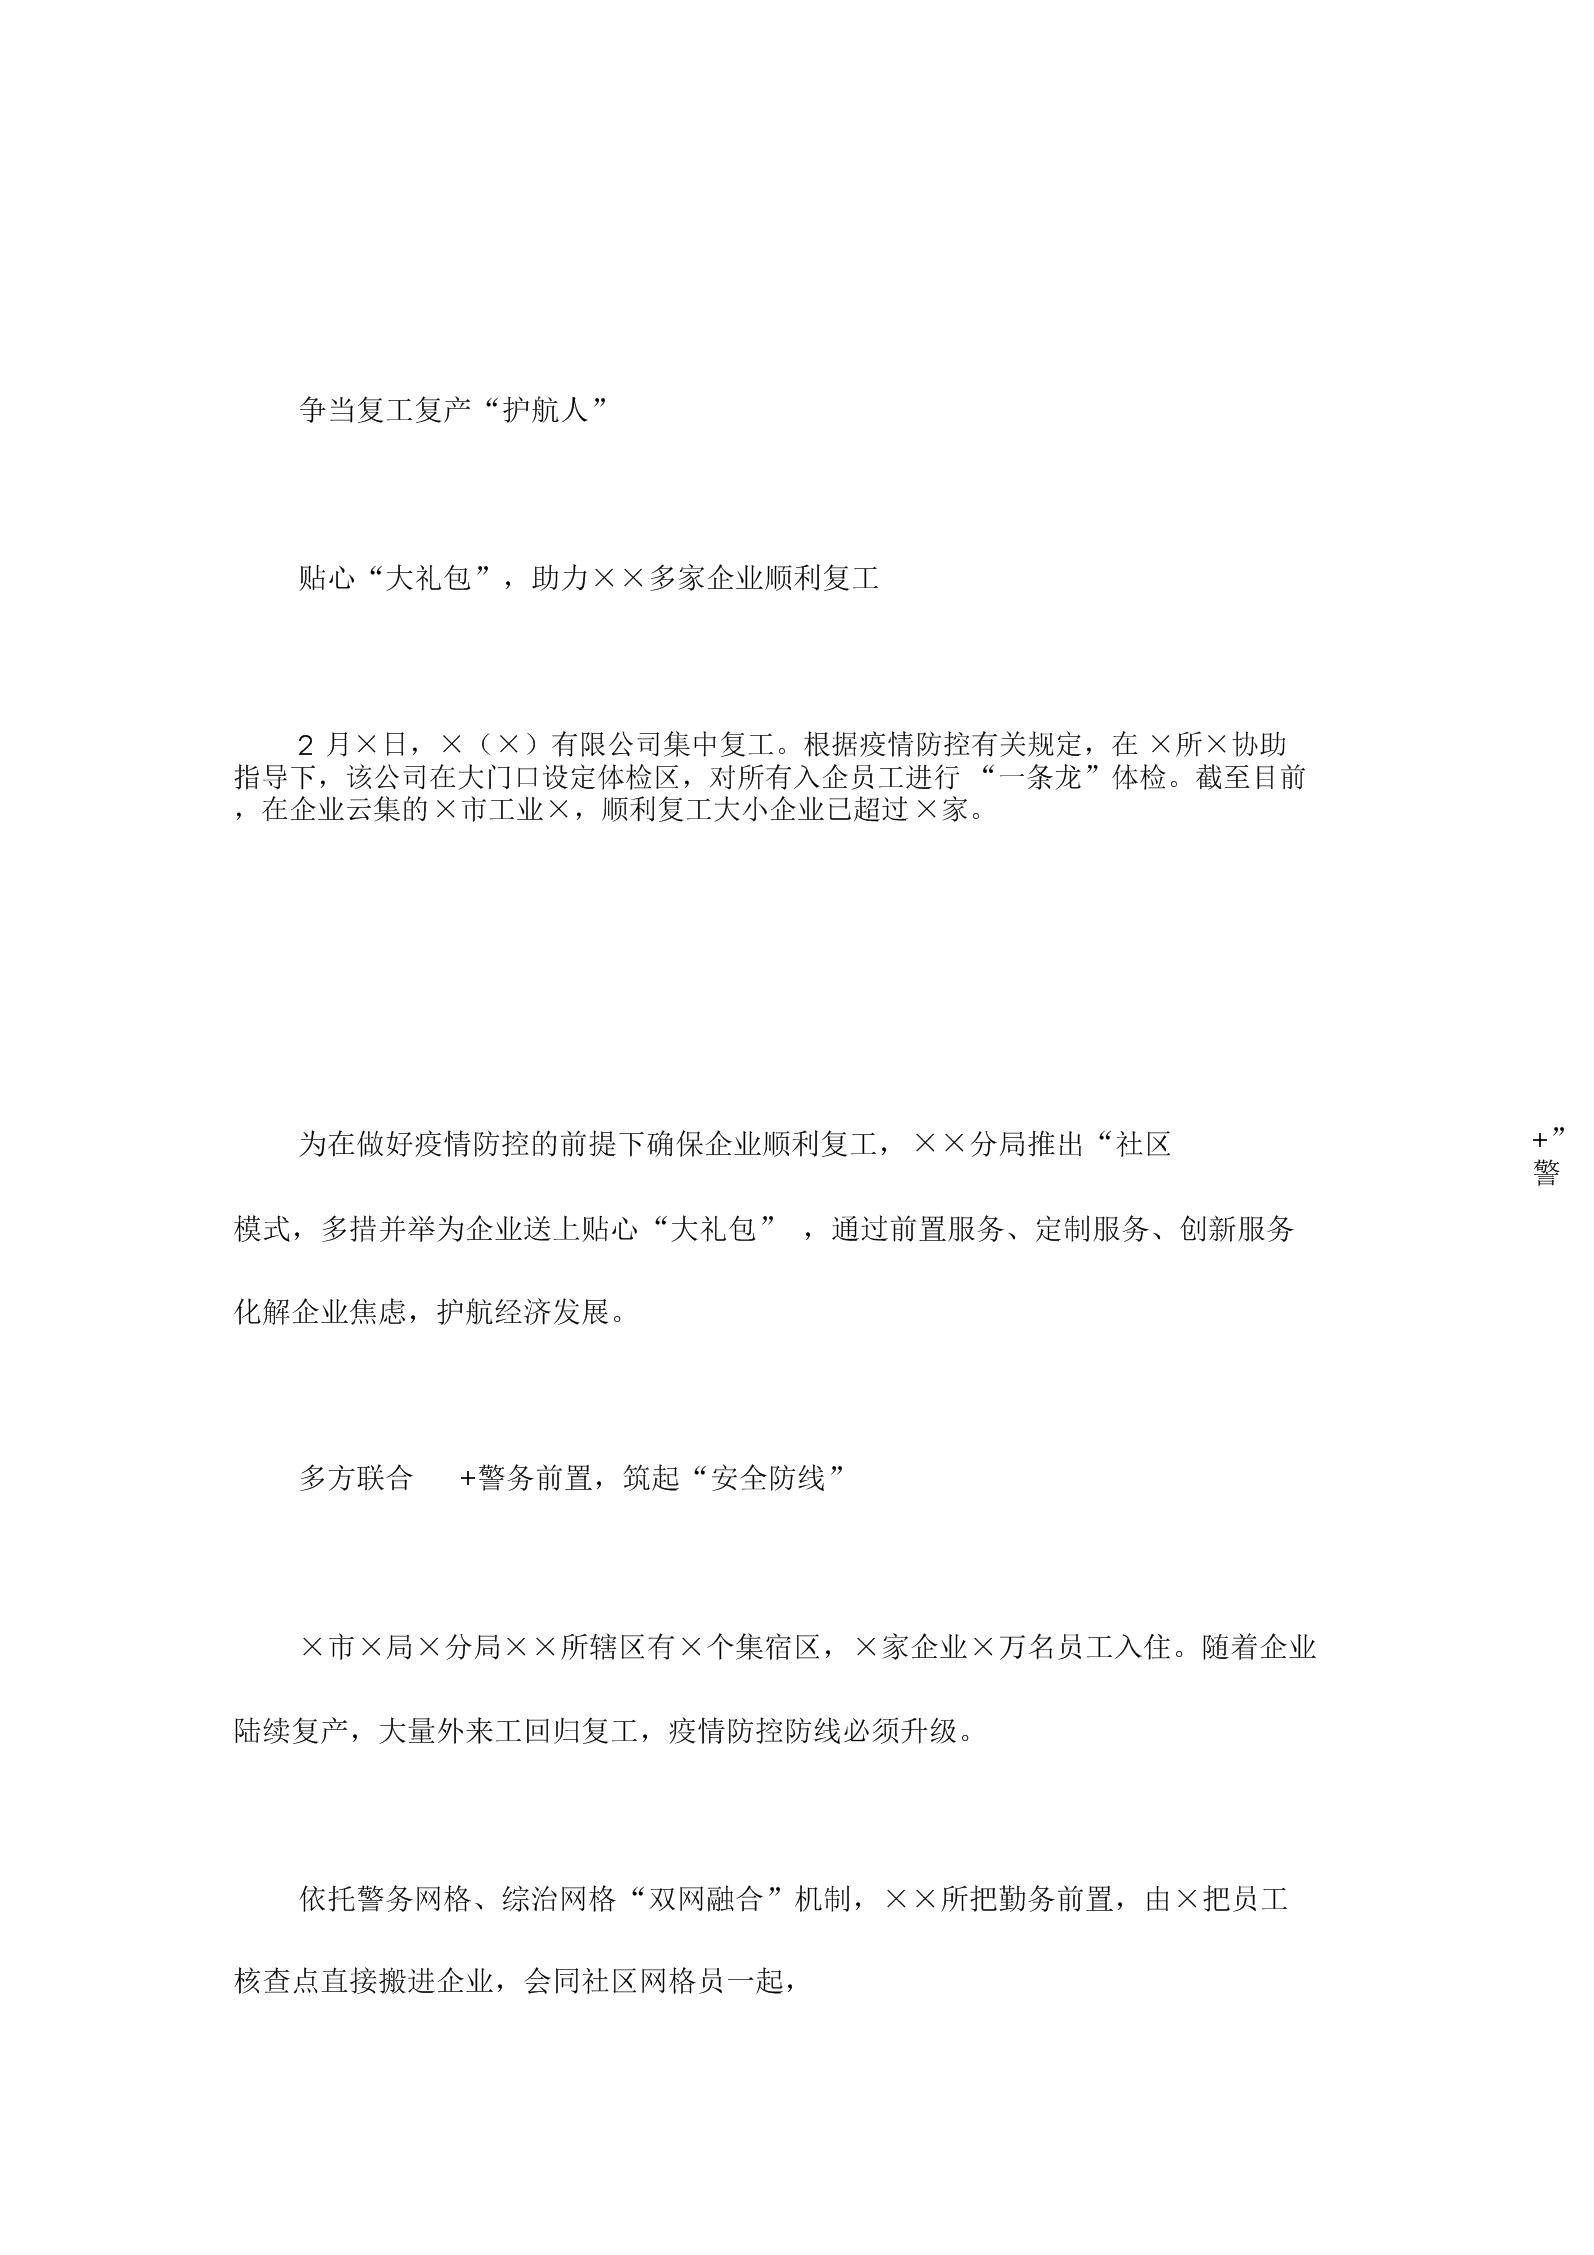 """抗击疫情复工经验做法——争当复工复产""""护航人"""".doc"""